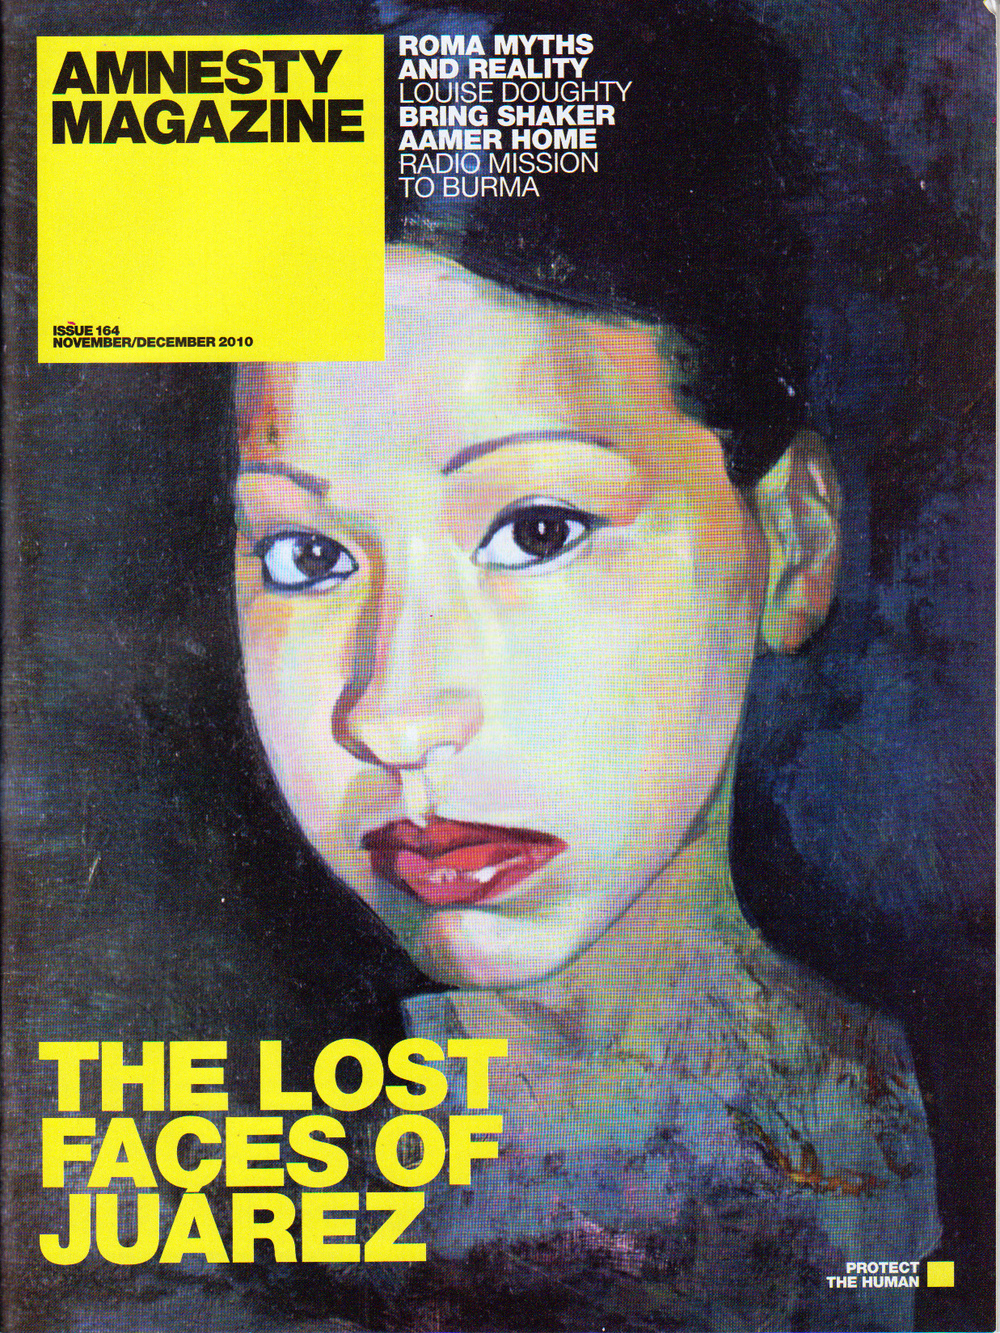 Amnesty Magazine interview 2010